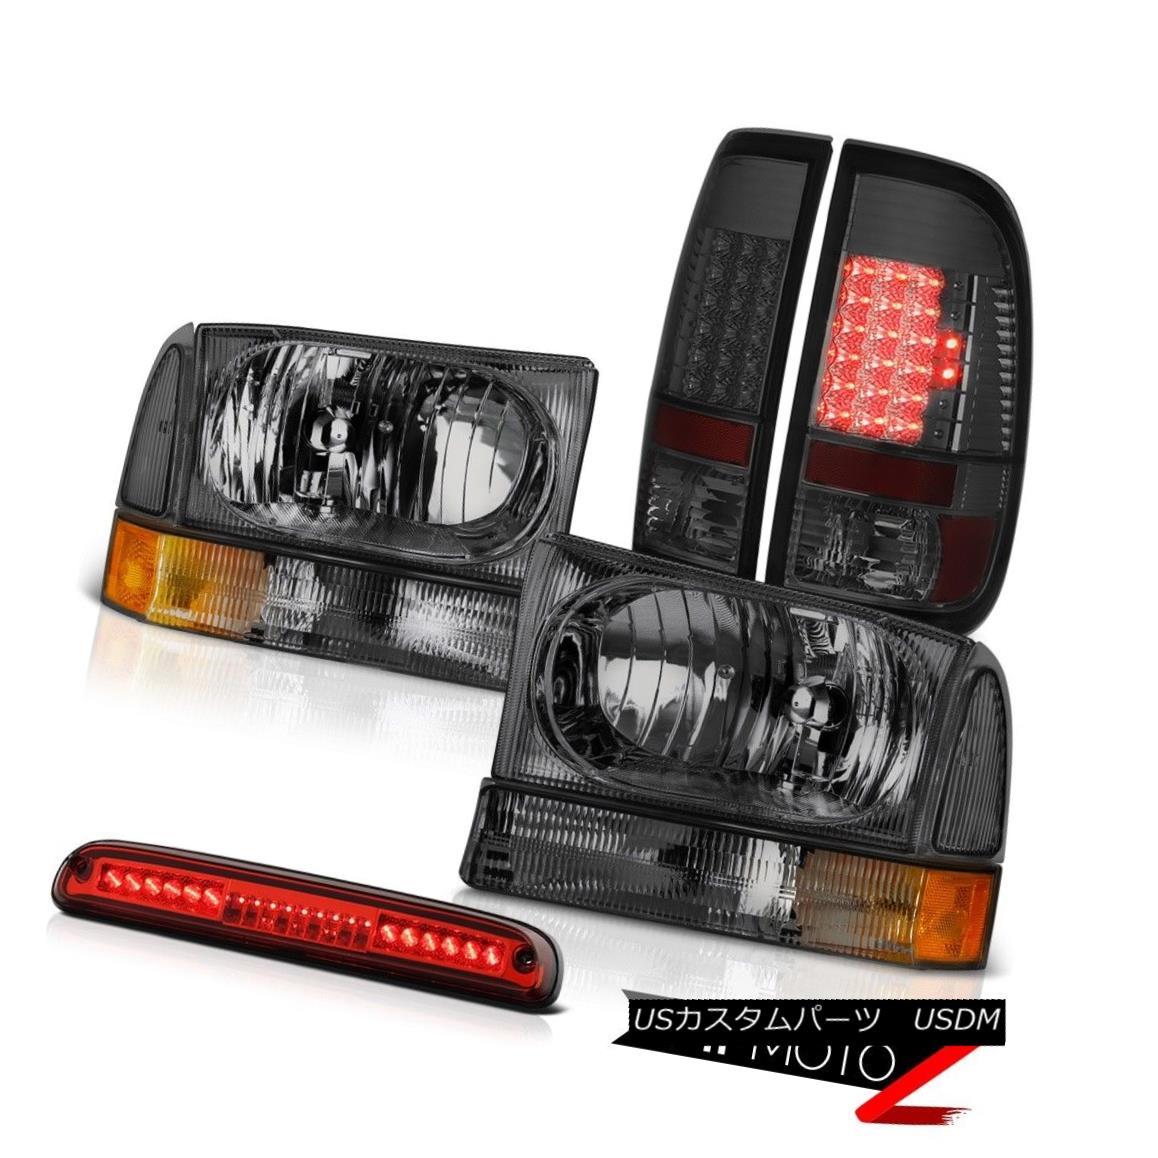 テールライト 99 00 01 02 03 04 F350 Lariat Smoke Headlight LEFT RIGHT LED Brake Lamps 3rd Red 99 00 01 02 03 04 F350ラリアートスモークヘッドライトLEFT RIGHT LEDブレーキランプ3rdレッド